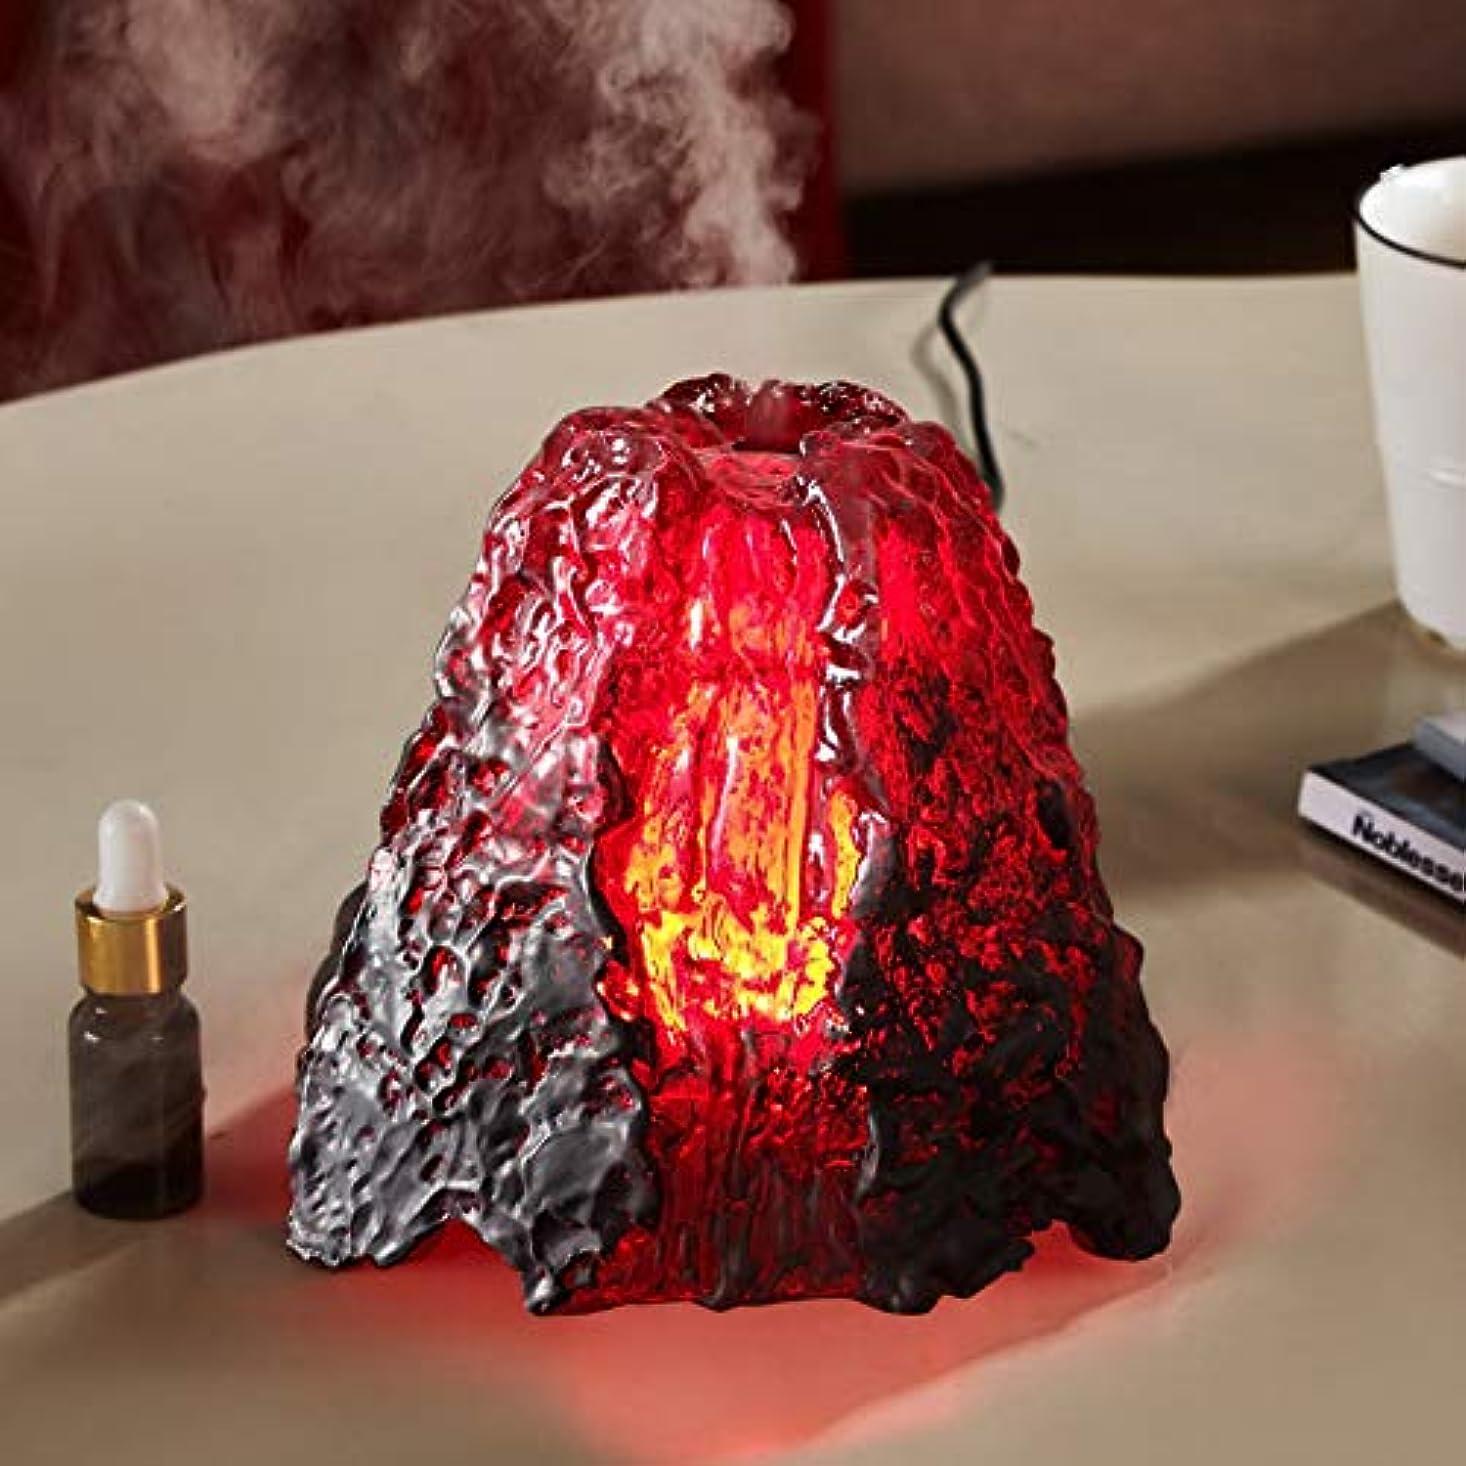 不安収容する気候樹脂 火山 7 色 加湿器,デスクトップ 涼しい霧 加湿機 調整可能 精油 ディフューザー アロマネブライザー 空気を浄化 Yoga- 200ml